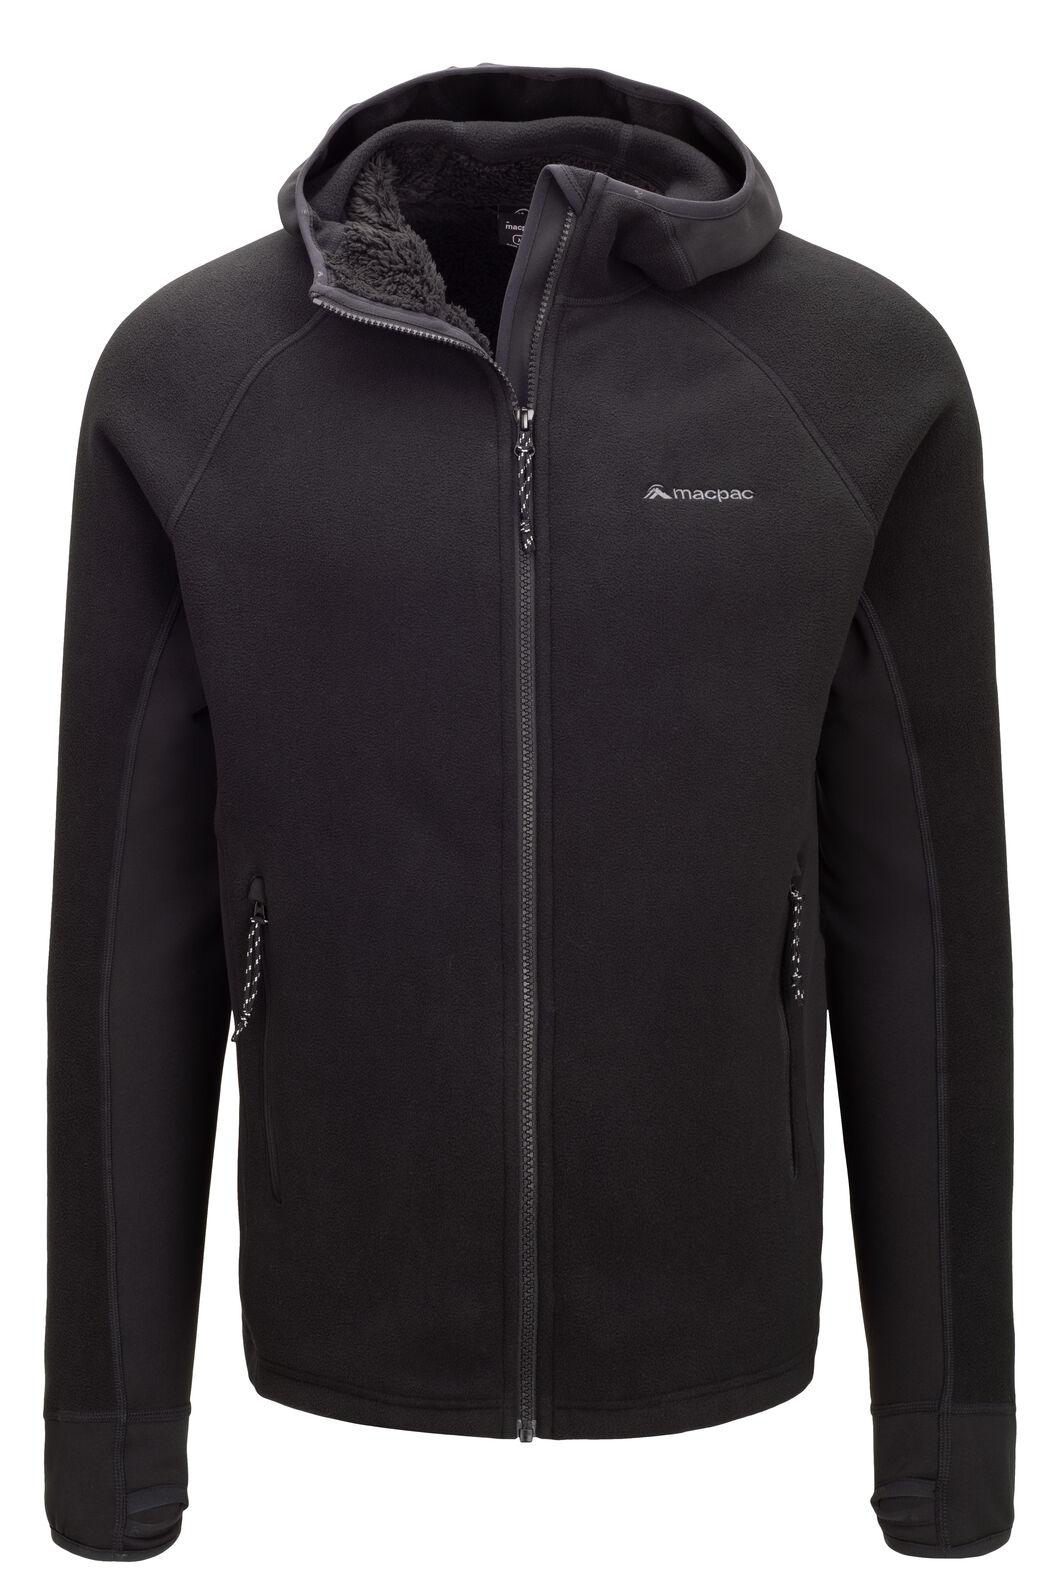 Macpac Men's Mountain Hooded Jacket, Black, hi-res